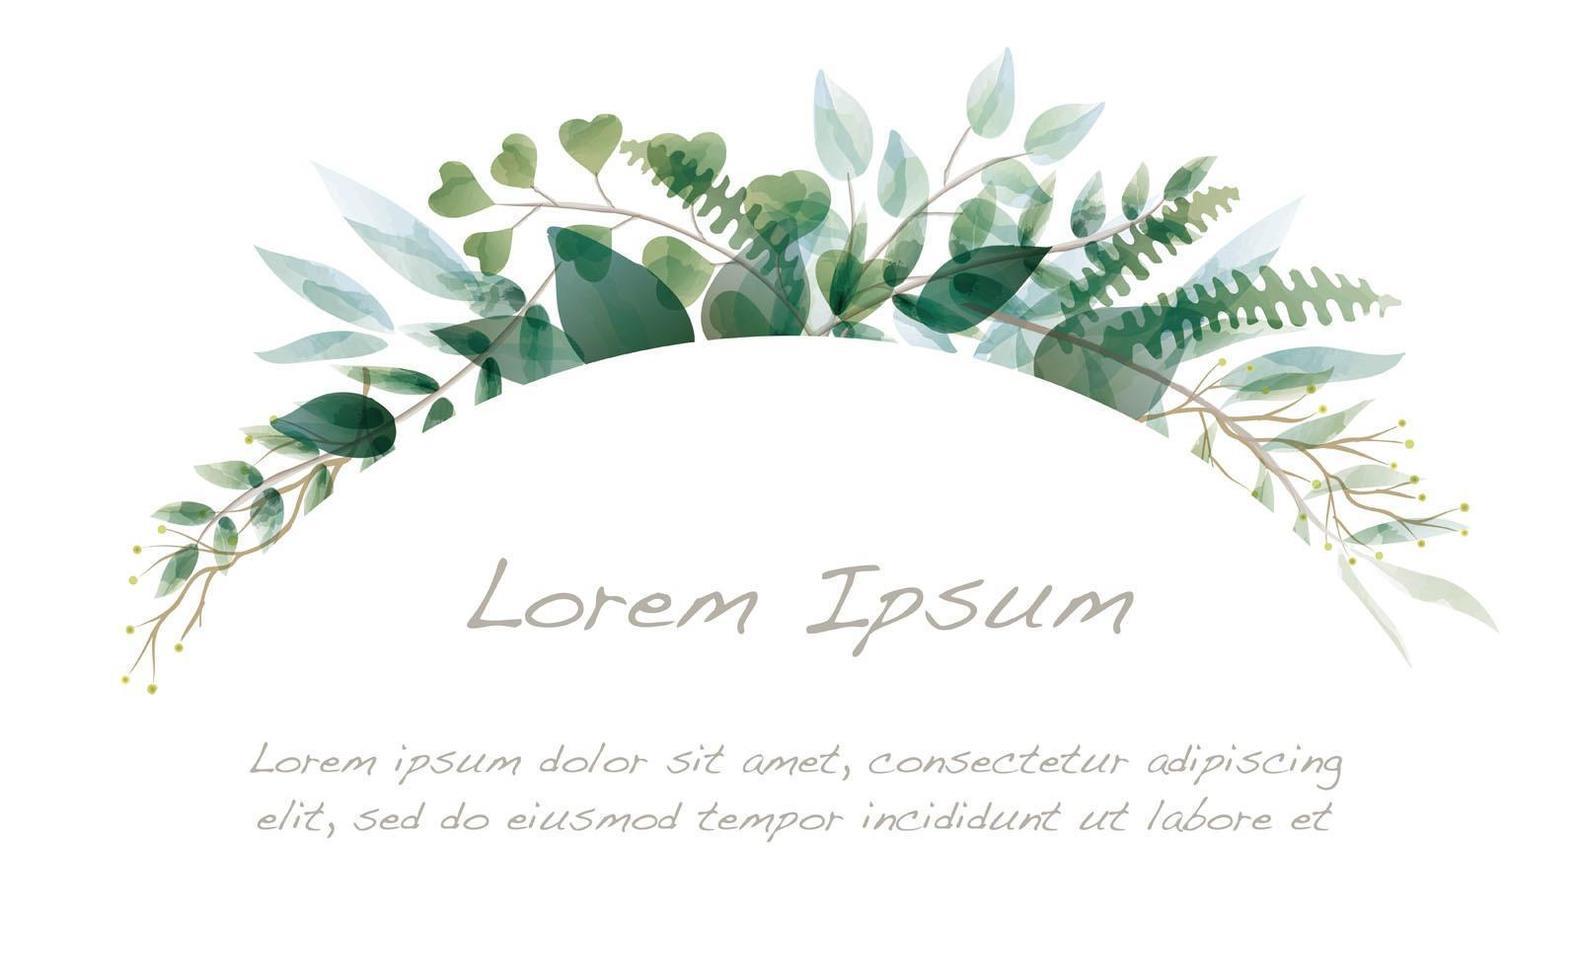 bordure d'arc botanique aquarelle vecteur